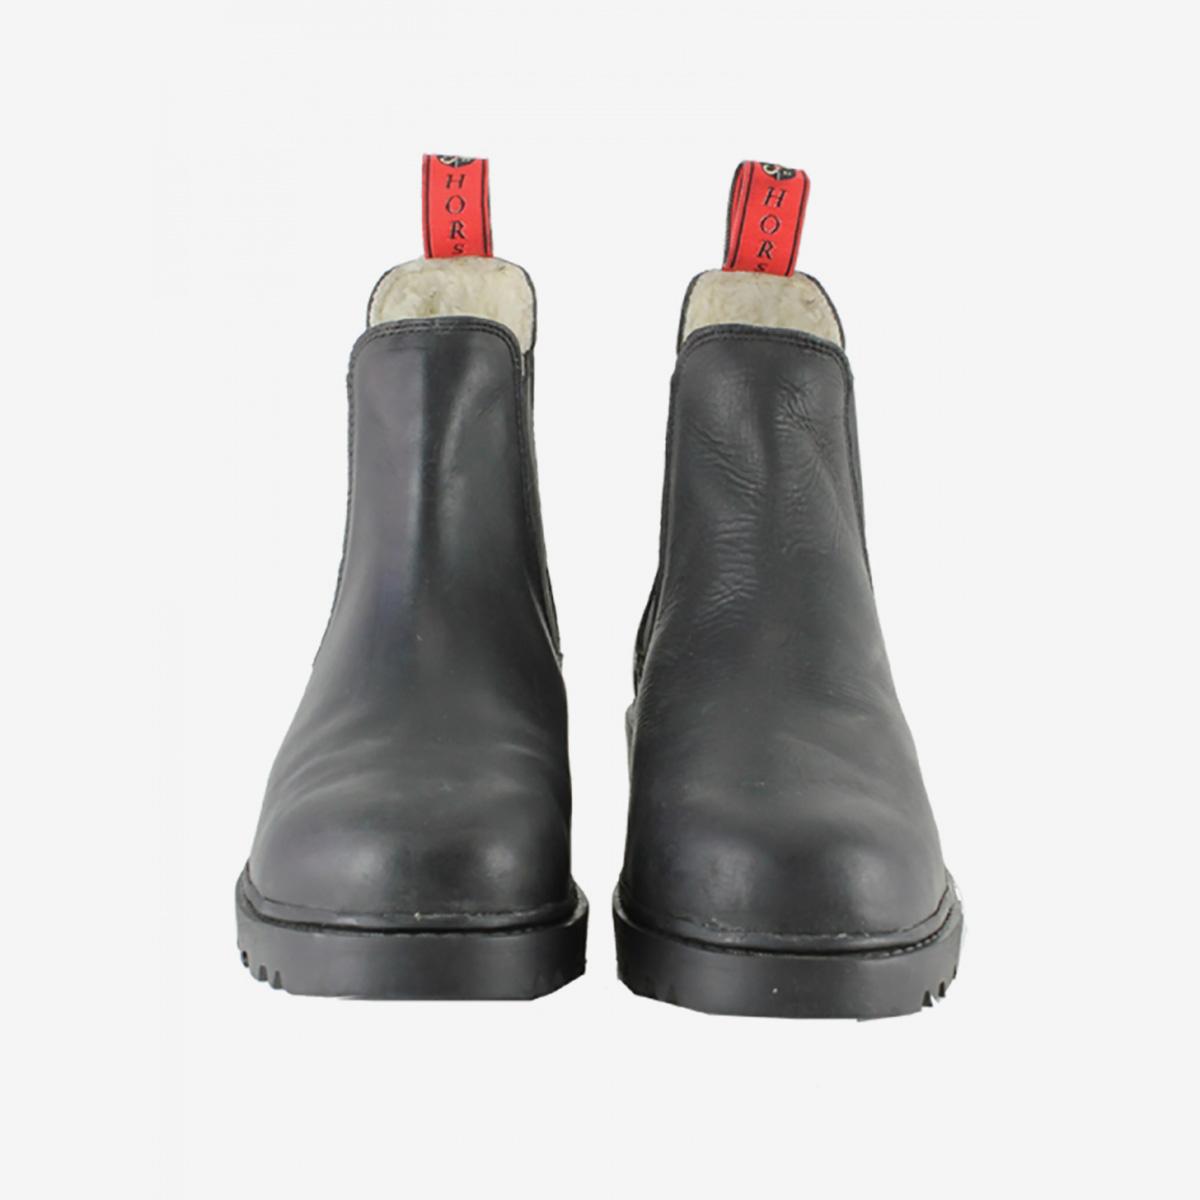 38ef37291421b1 Bottines Mink Horse pour l'écurie, le travail, fourrées, cuir imperméable